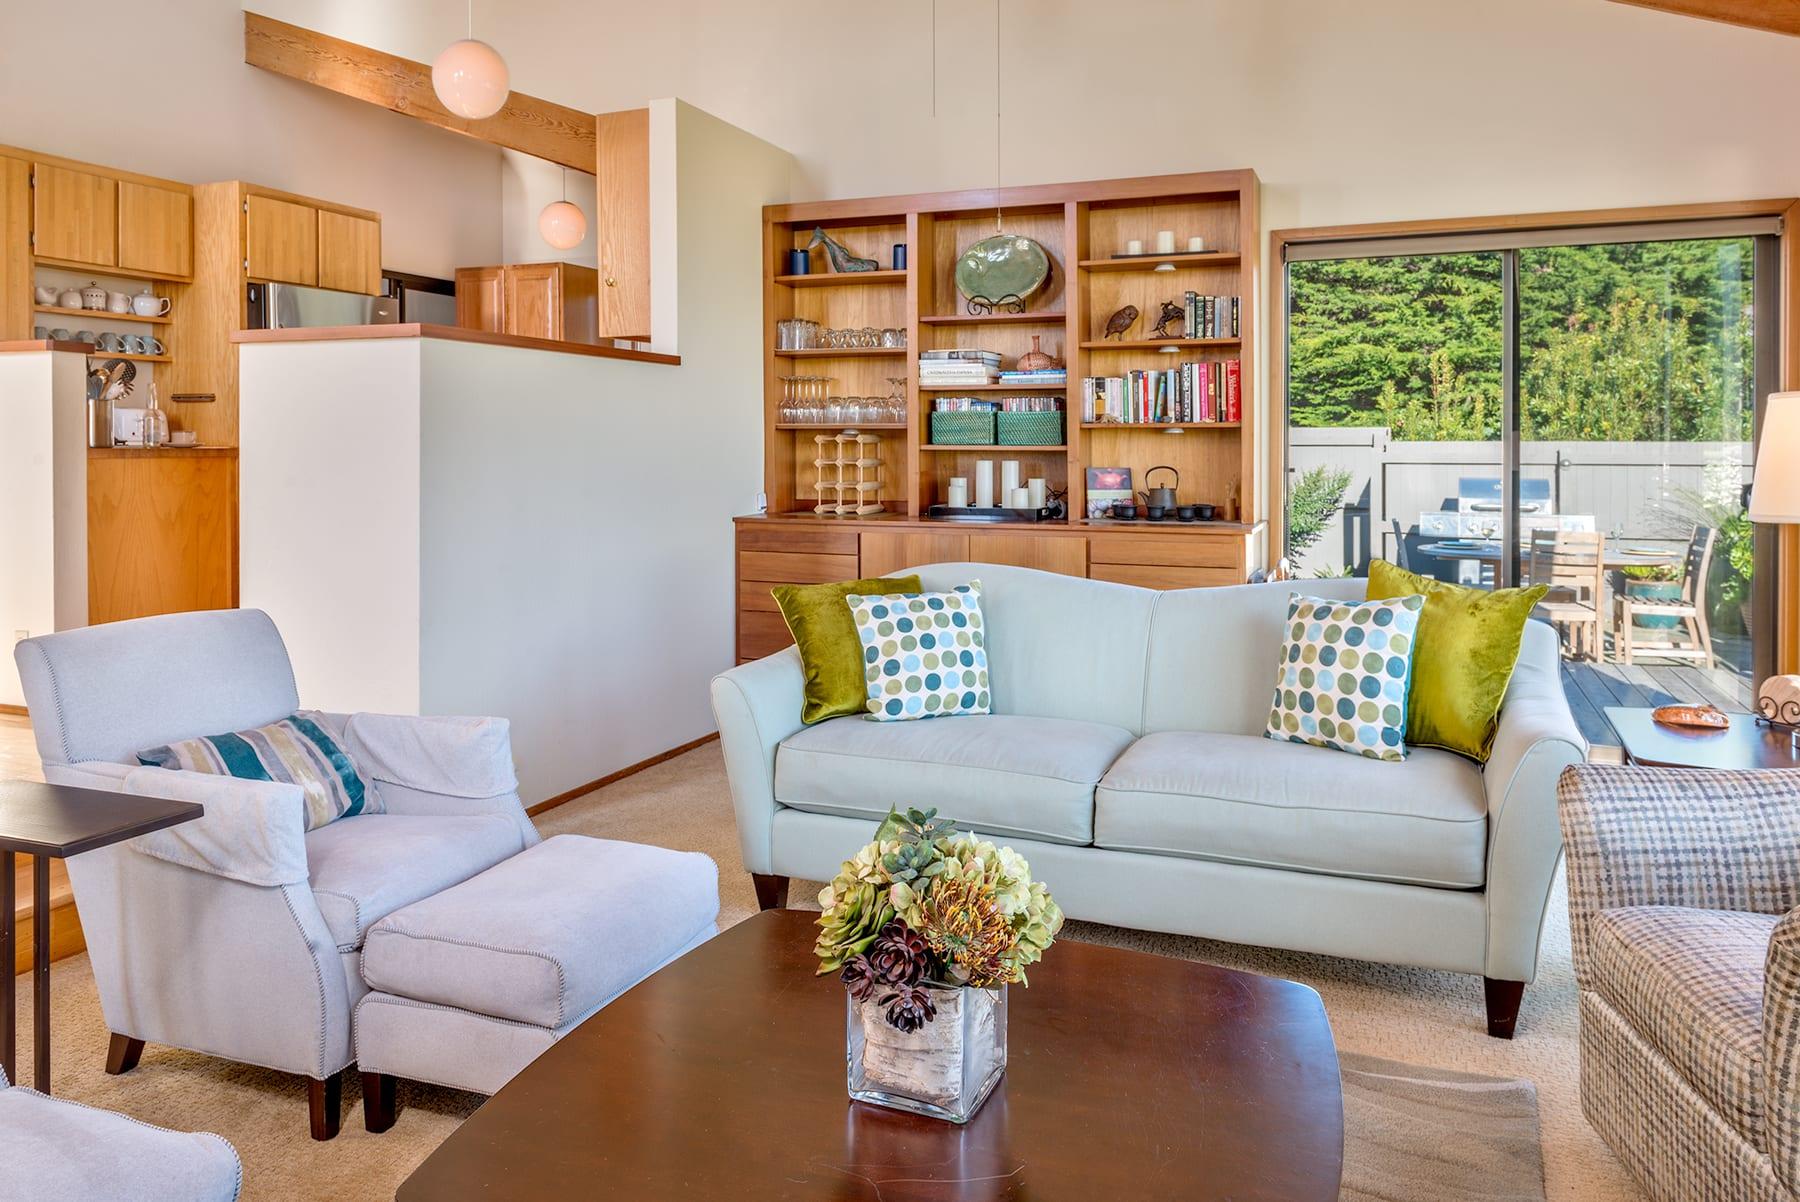 Living Room Things List